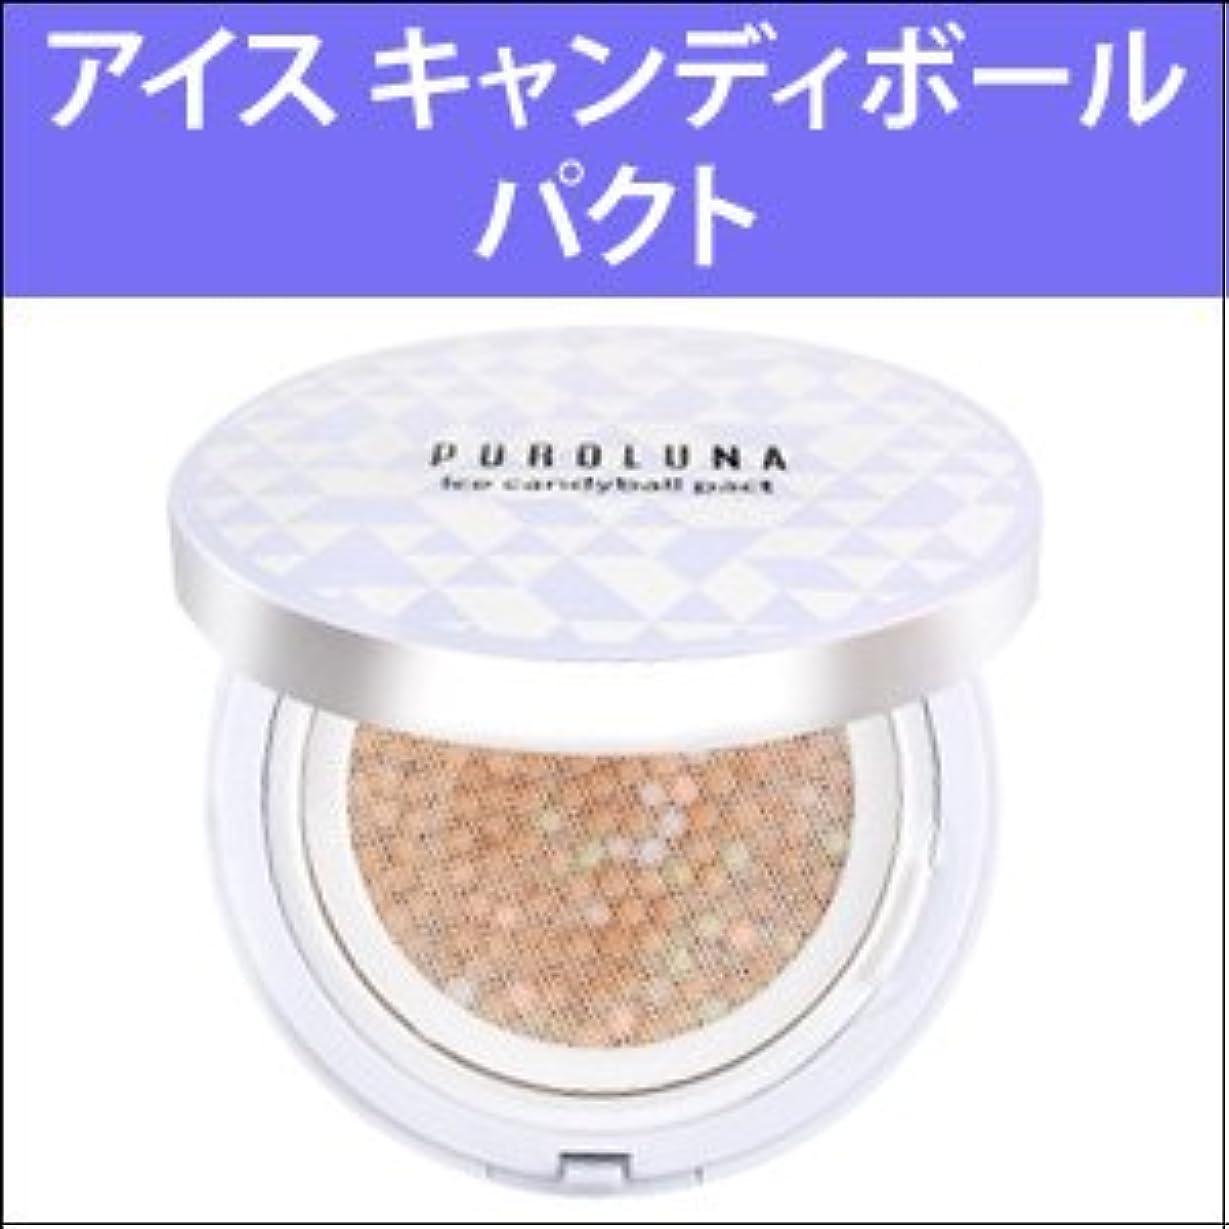 誇張する虎立派な『PUROLUNA?プロルナ』 アイス キャンディボール パクト(SPF50+/PA+++) カラー:1号 バニラ